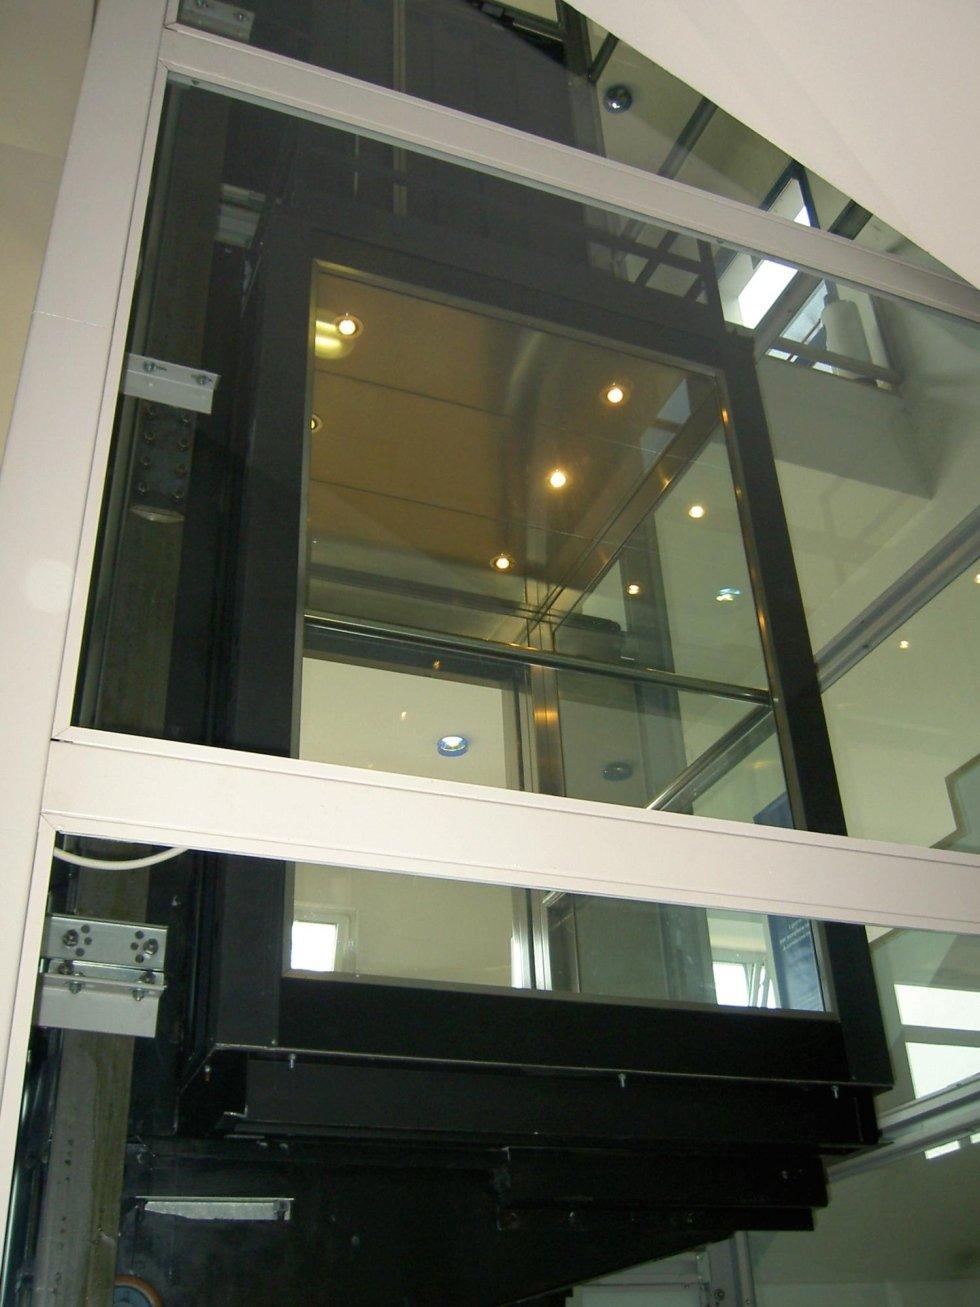 ascensore con cabina panoramica vista dal basso